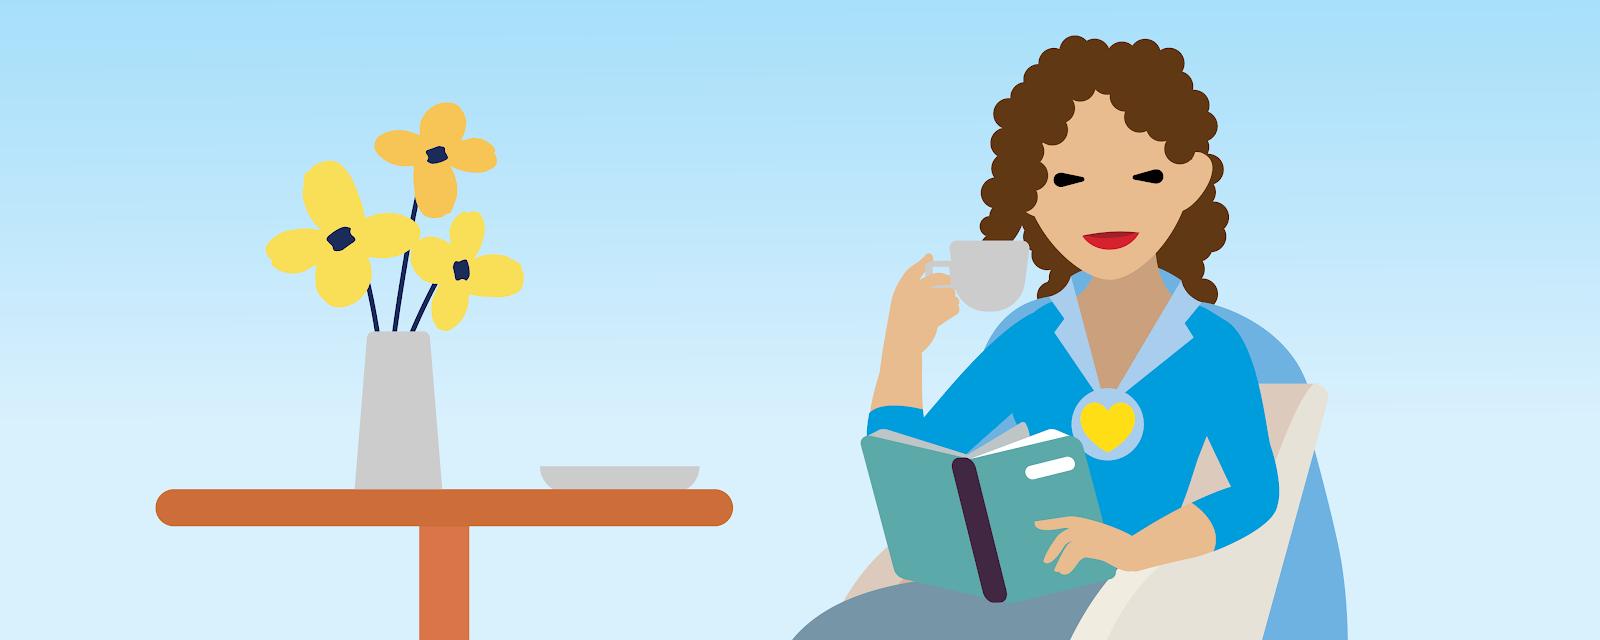 椅子に座り、コーヒーを飲みながら本を読む女性の図。